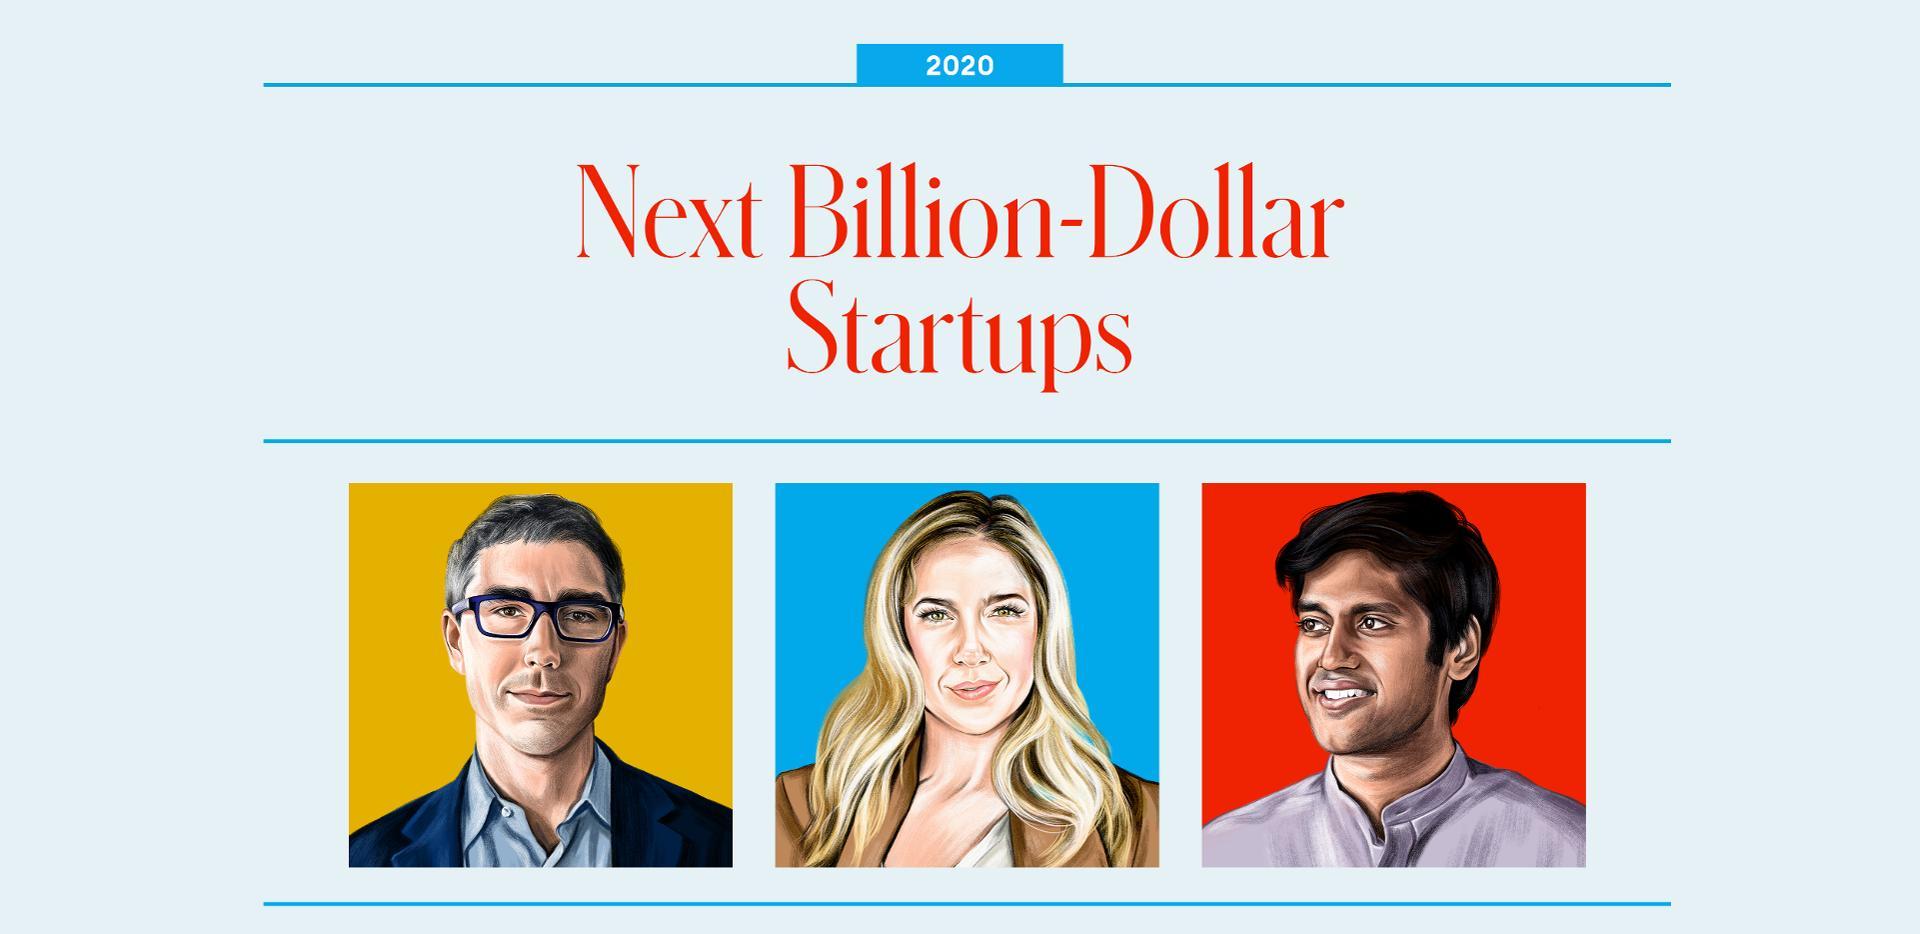 Forbes: Next billion-dollar startups